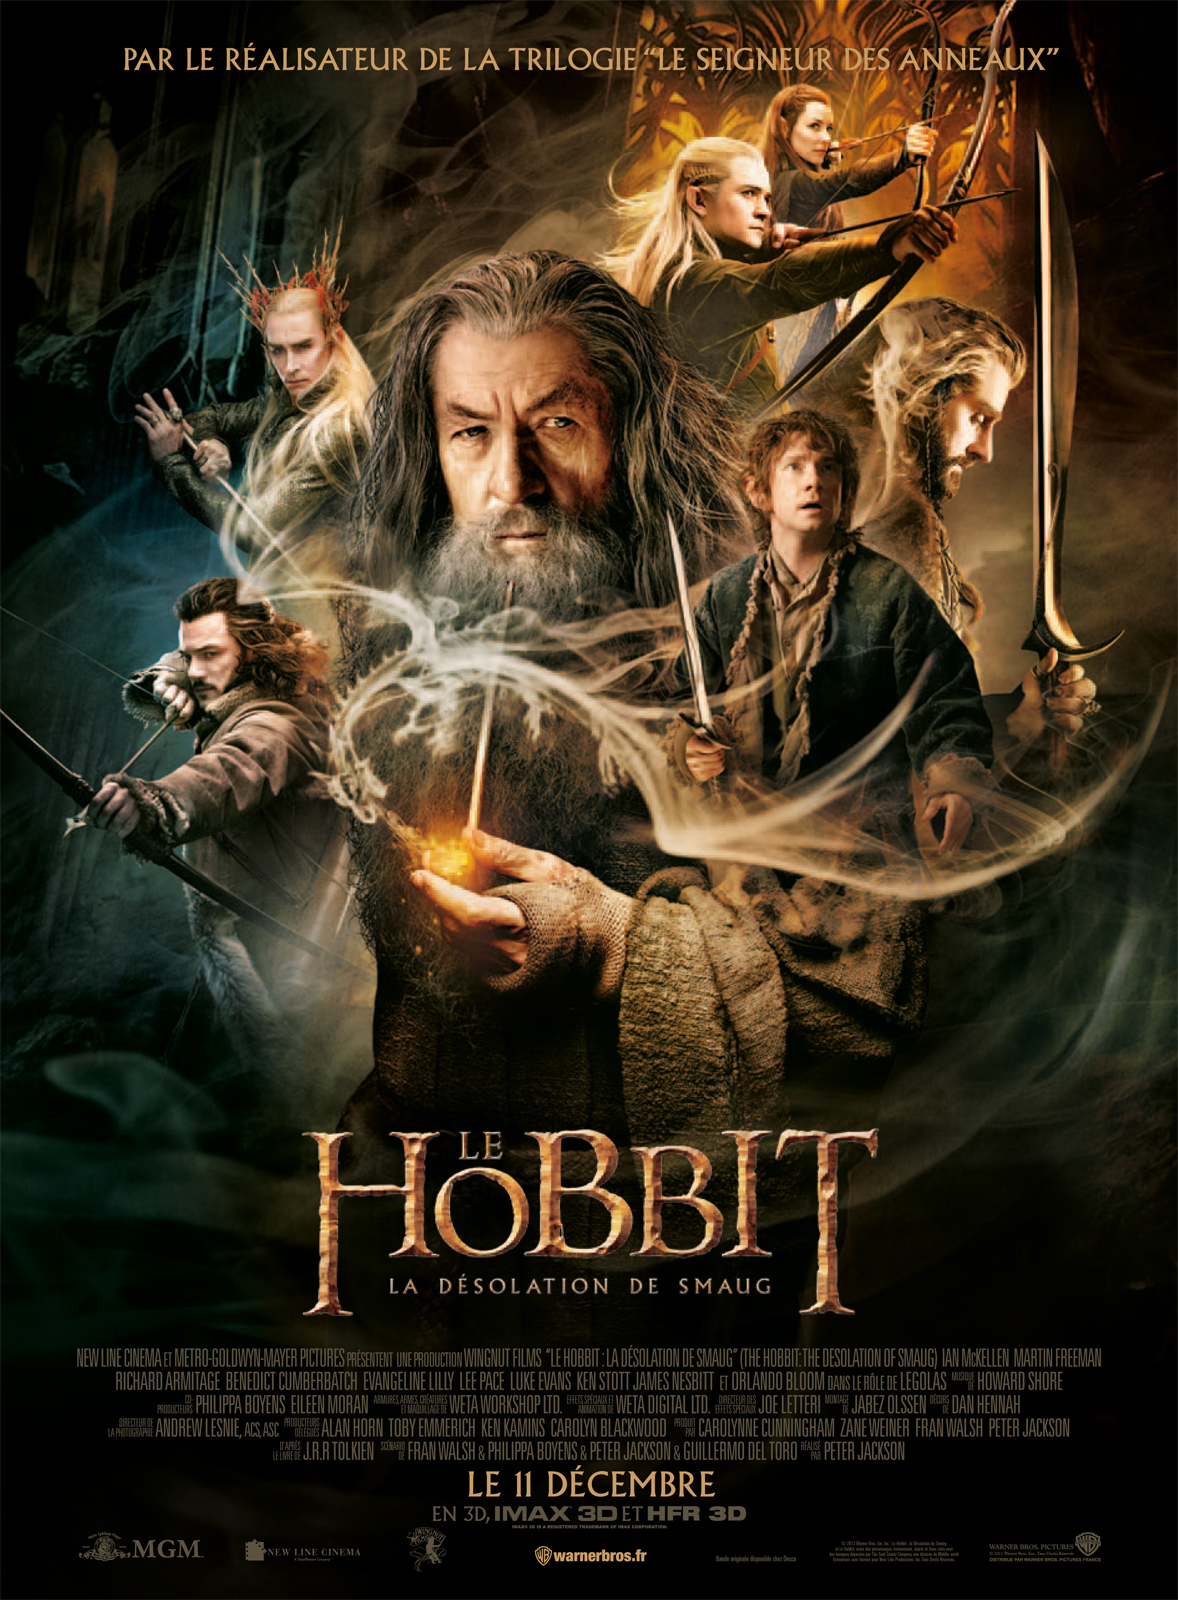 Analyse Du Box Office France Le Hobbit 2 Fait Mieux Que Son